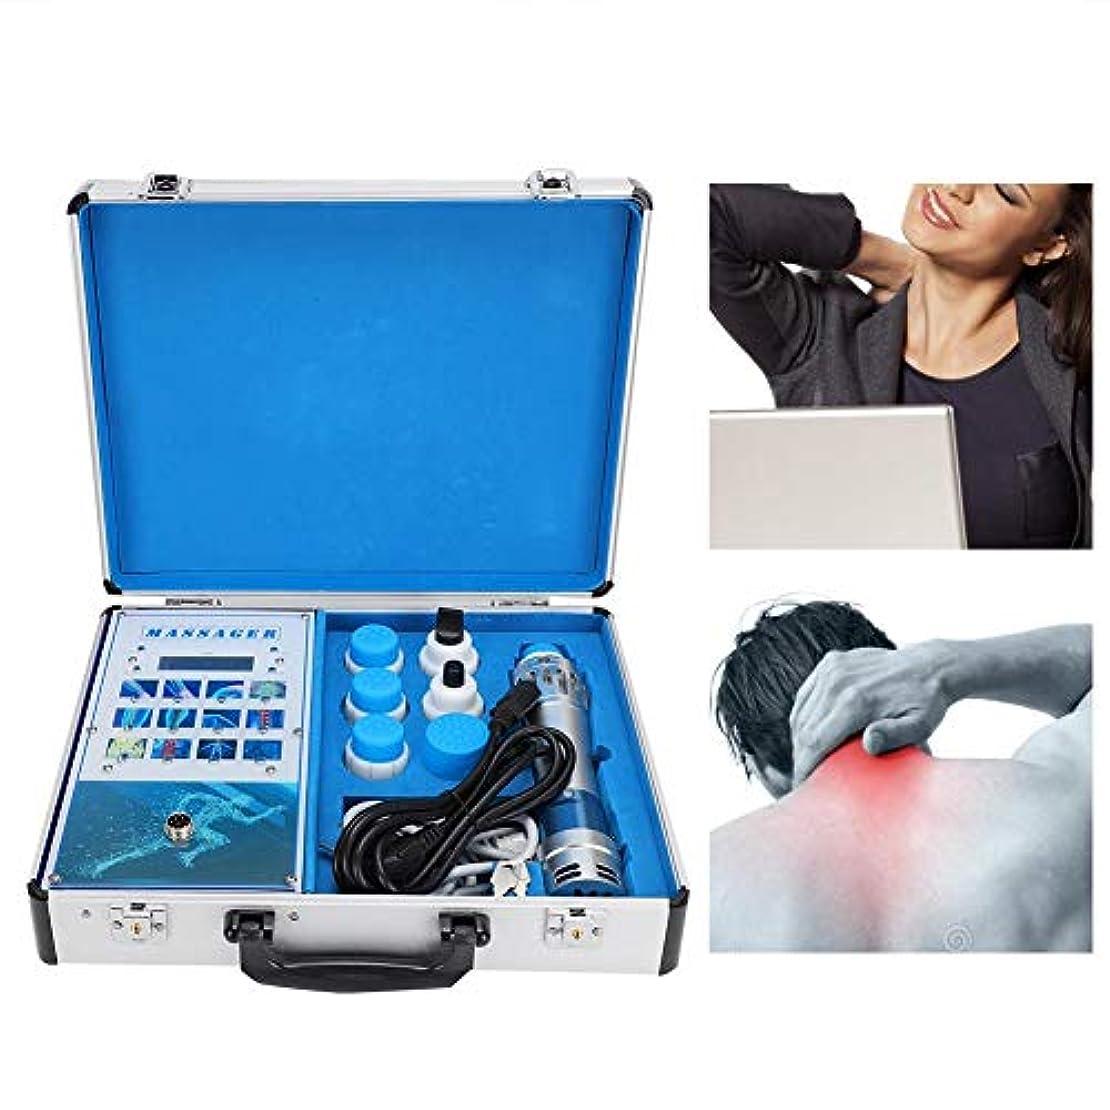 飼いならす対話神秘疼痛緩和マッサージ器、ハンドヘルド19ED電磁体外衝撃波機械FDA承認(USプラグ110V)